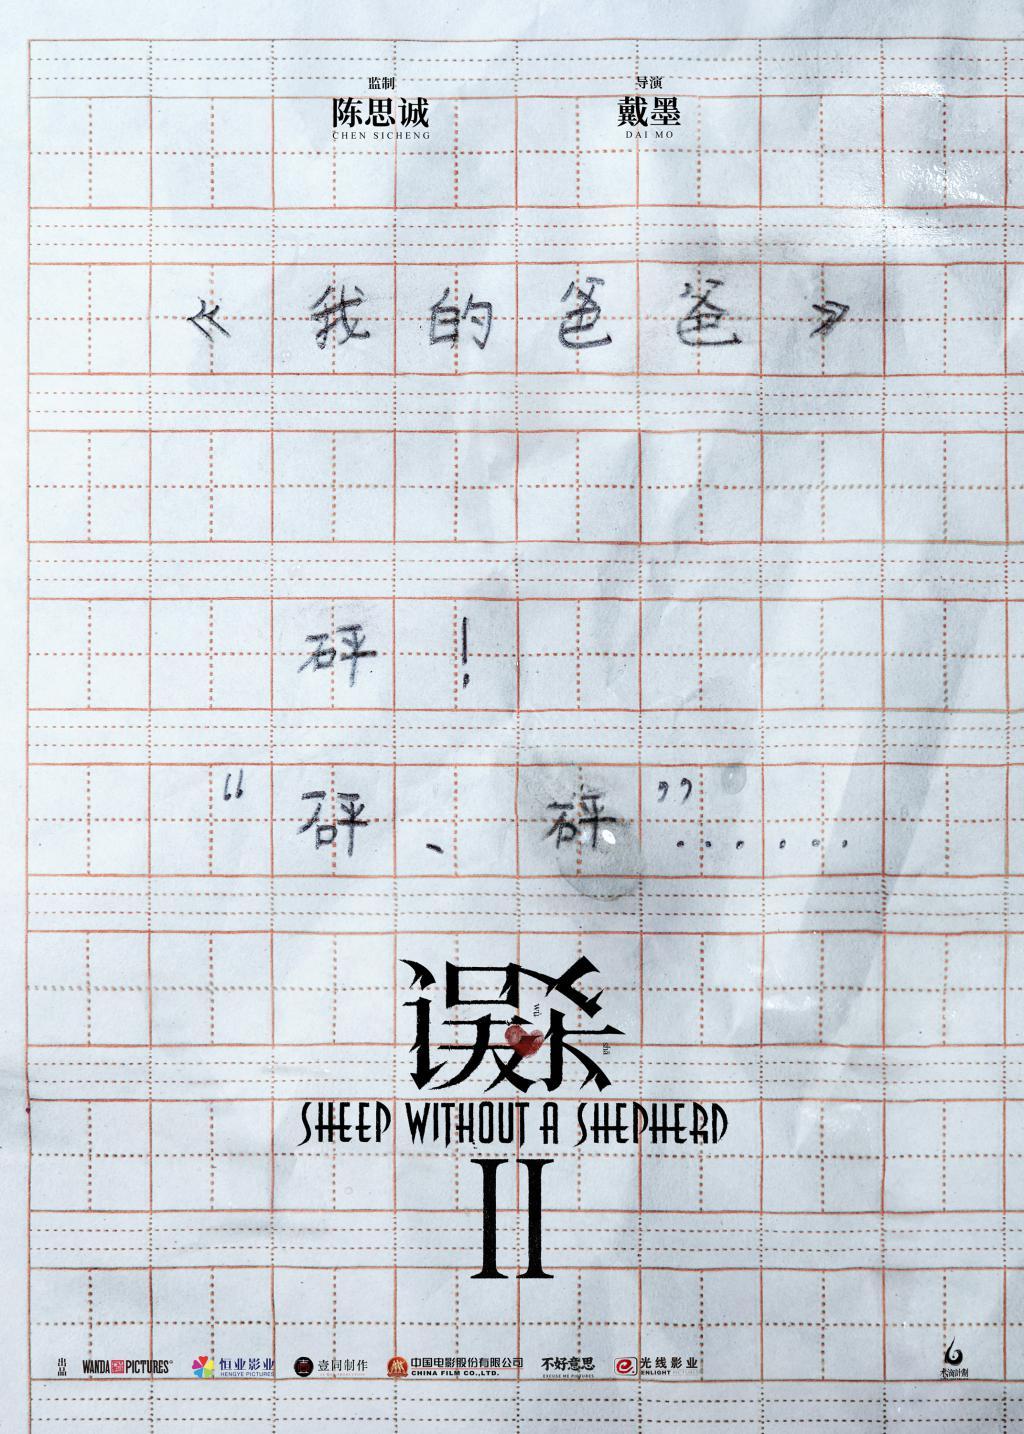 《误杀 2》杀青曝概念海报 陈思诚肖央再携手打造全新故事